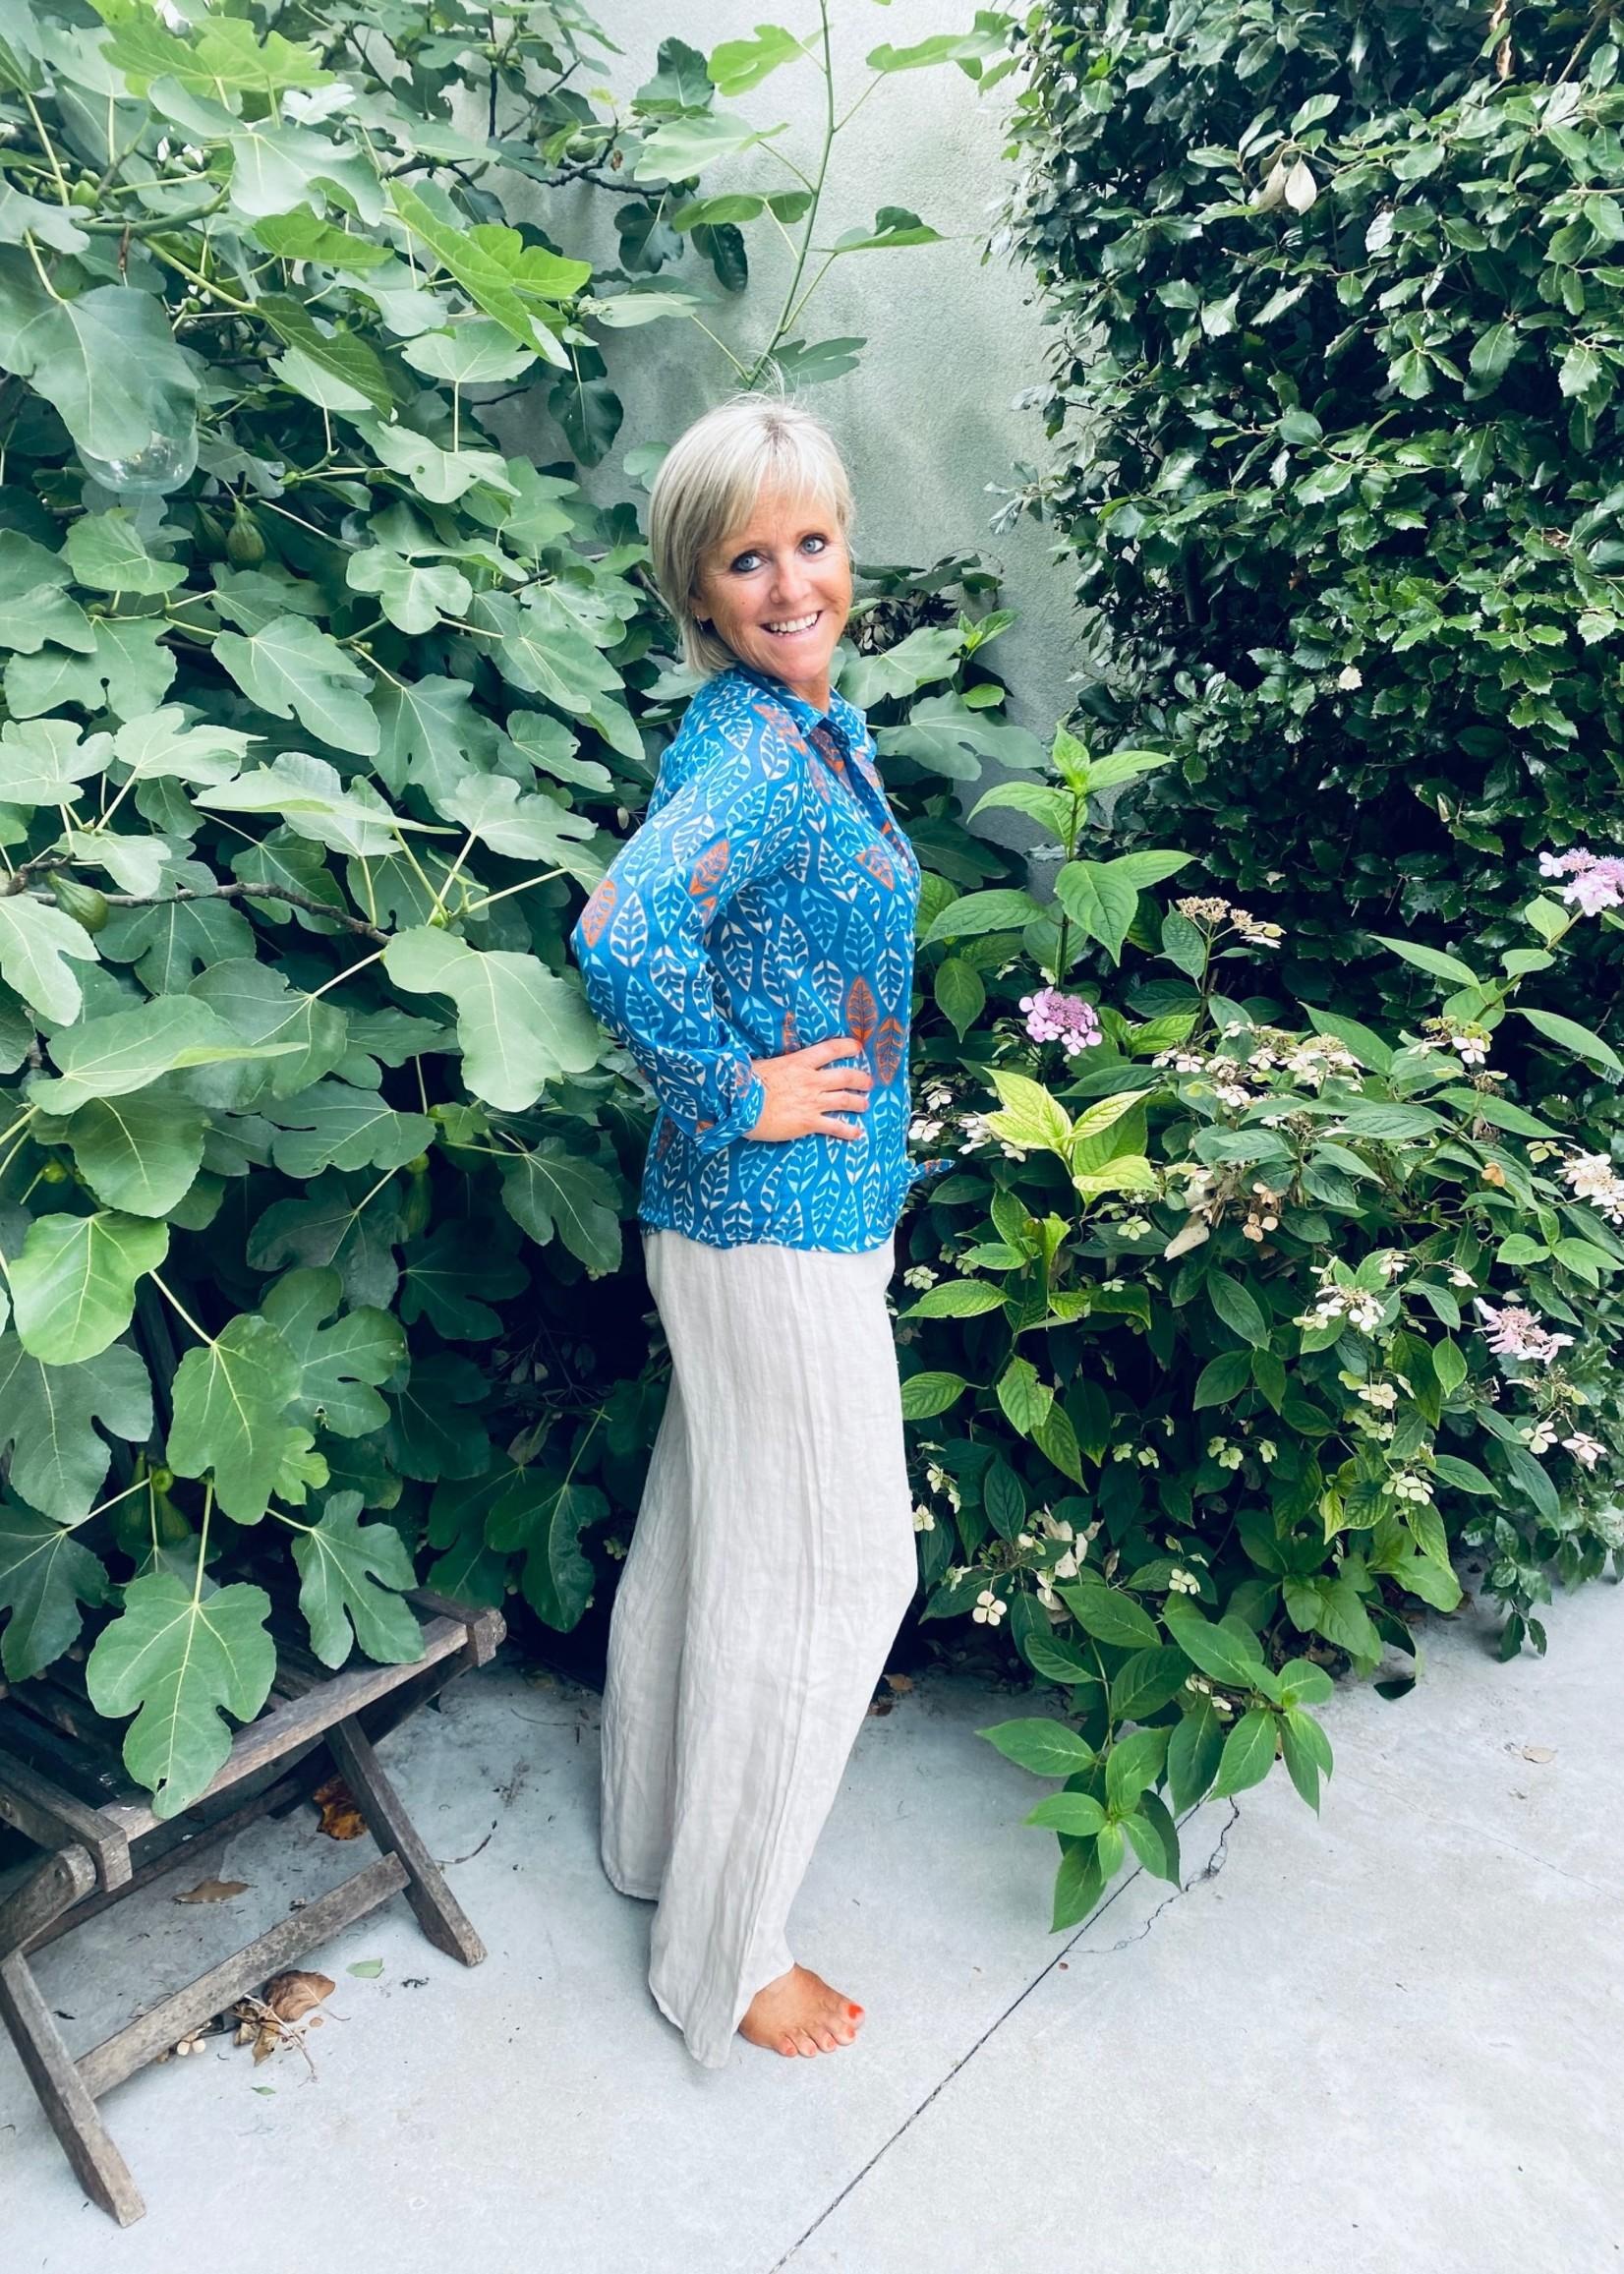 Love Blauwe blouse met leuke print